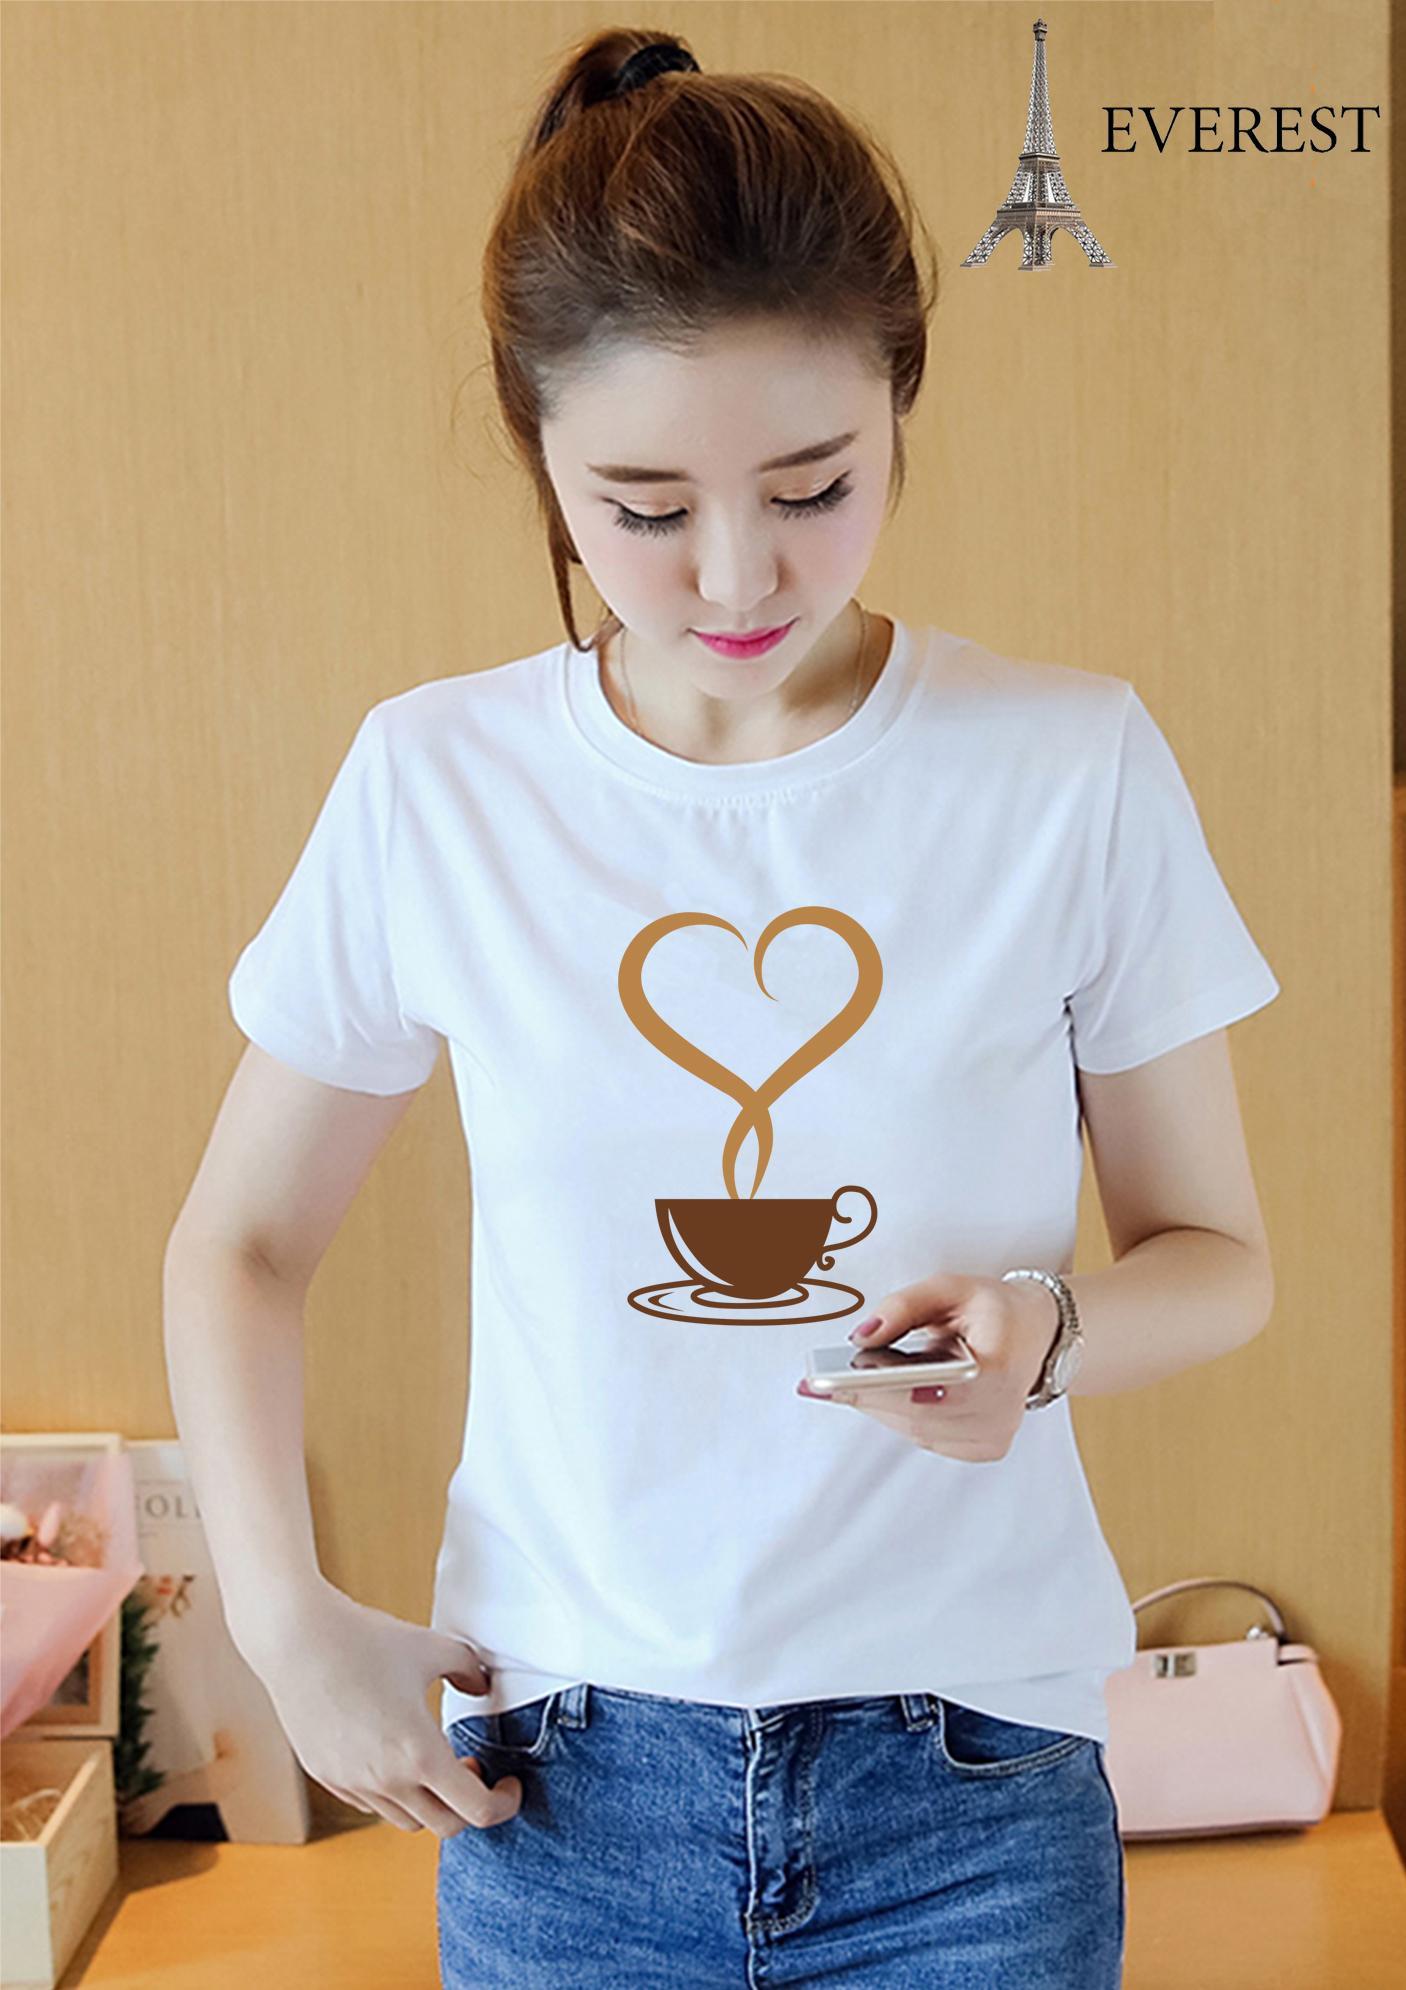 Áo thun nữ in hình cà phê tim form rộng hàn quốc vải dày mịn AoK905 Thời Trang Everest